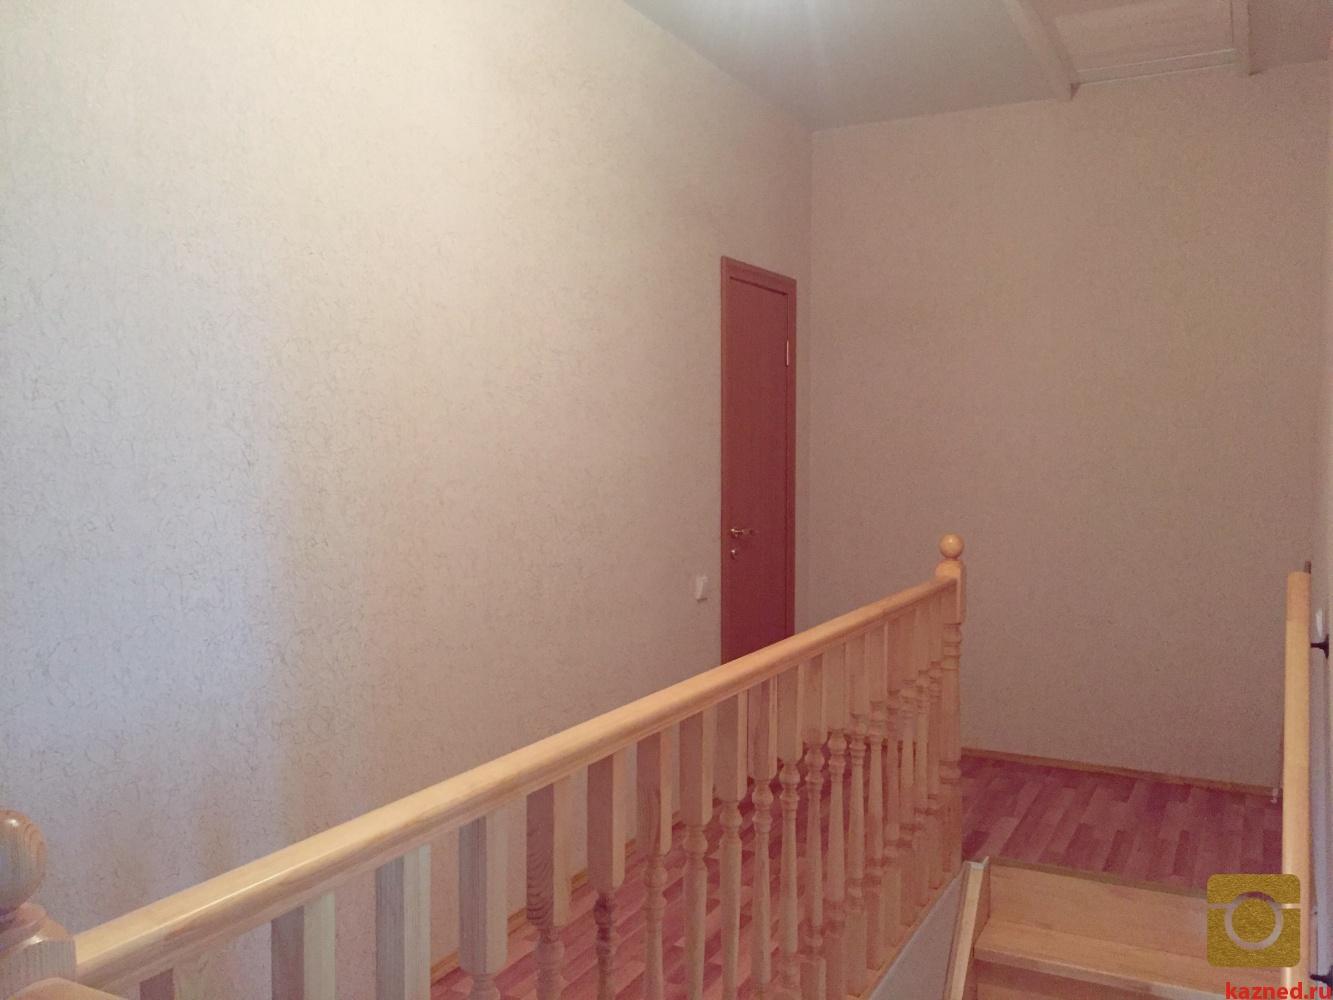 Продажа 3-к квартиры молодецкого 25б, 103 м²  (миниатюра №20)